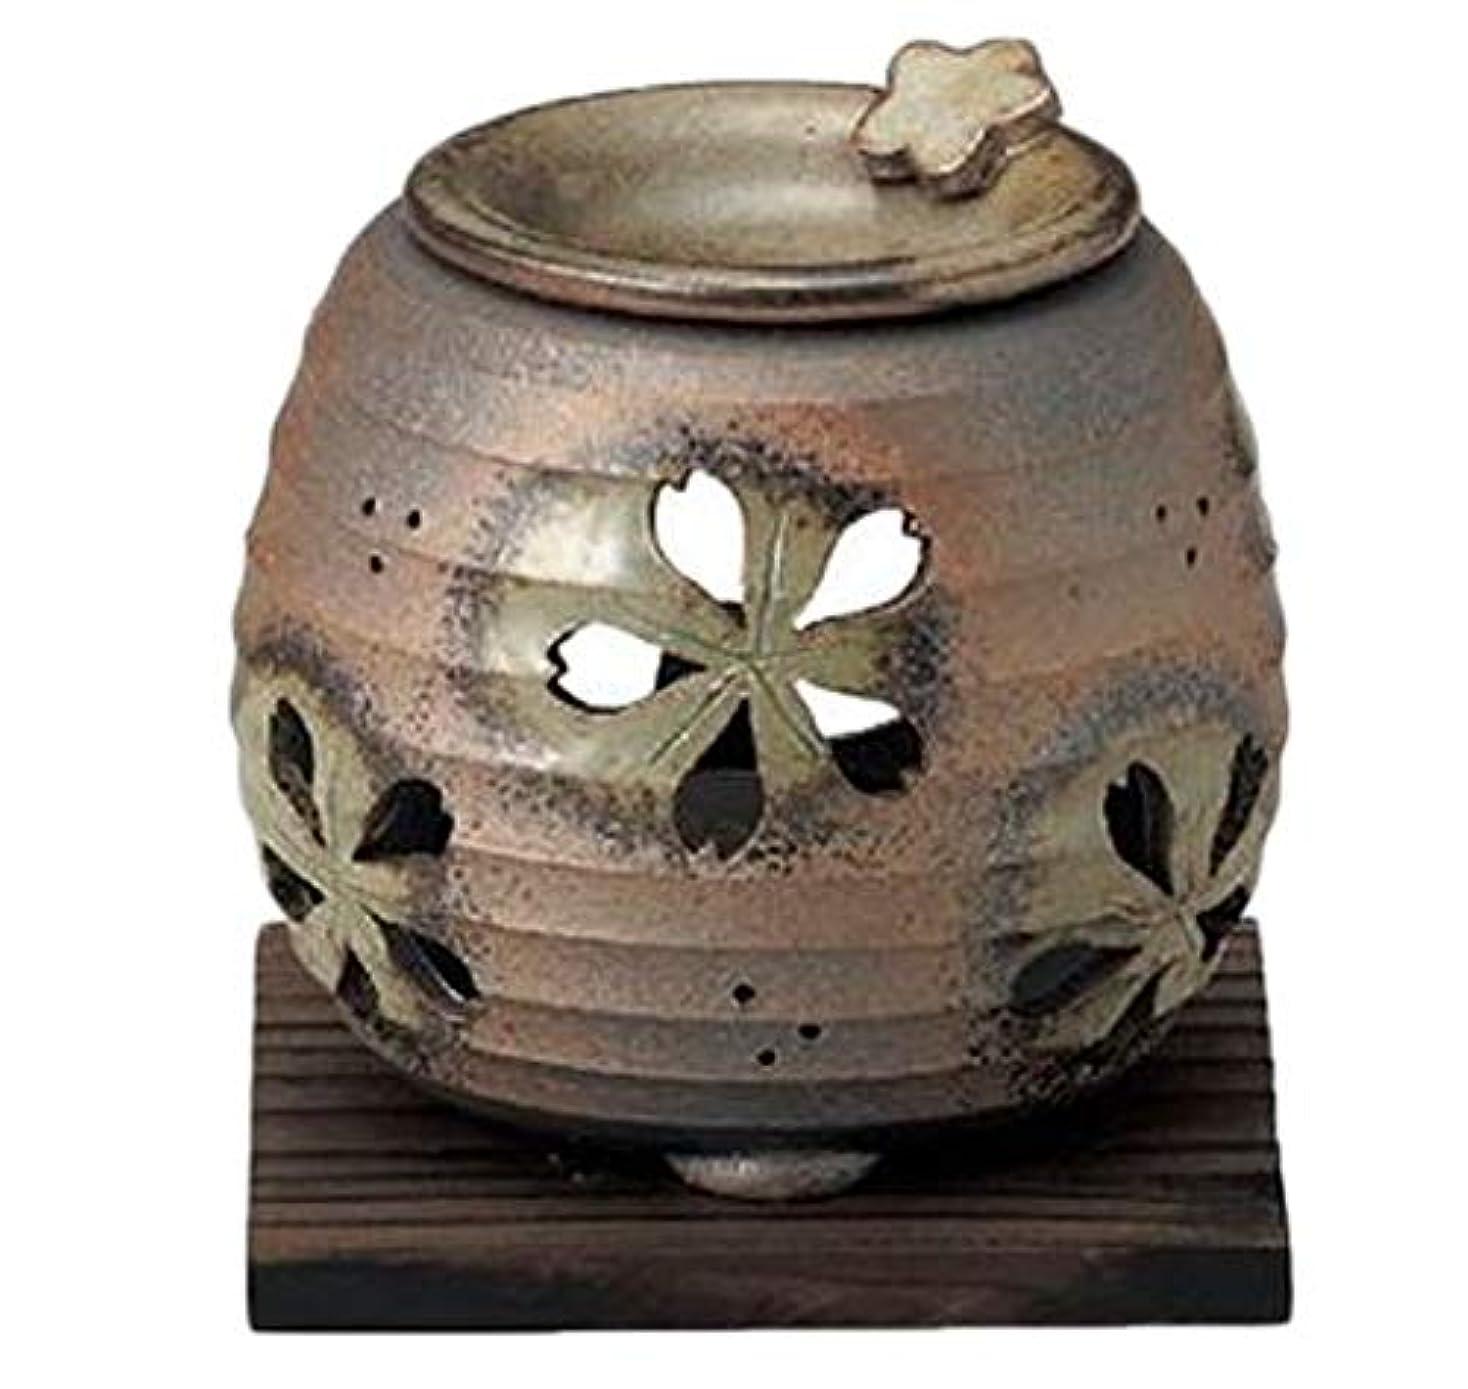 居住者眠る勇気のある常滑焼 6-249 石龍緑灰釉桜透かし茶香炉 石龍φ11×H11㎝